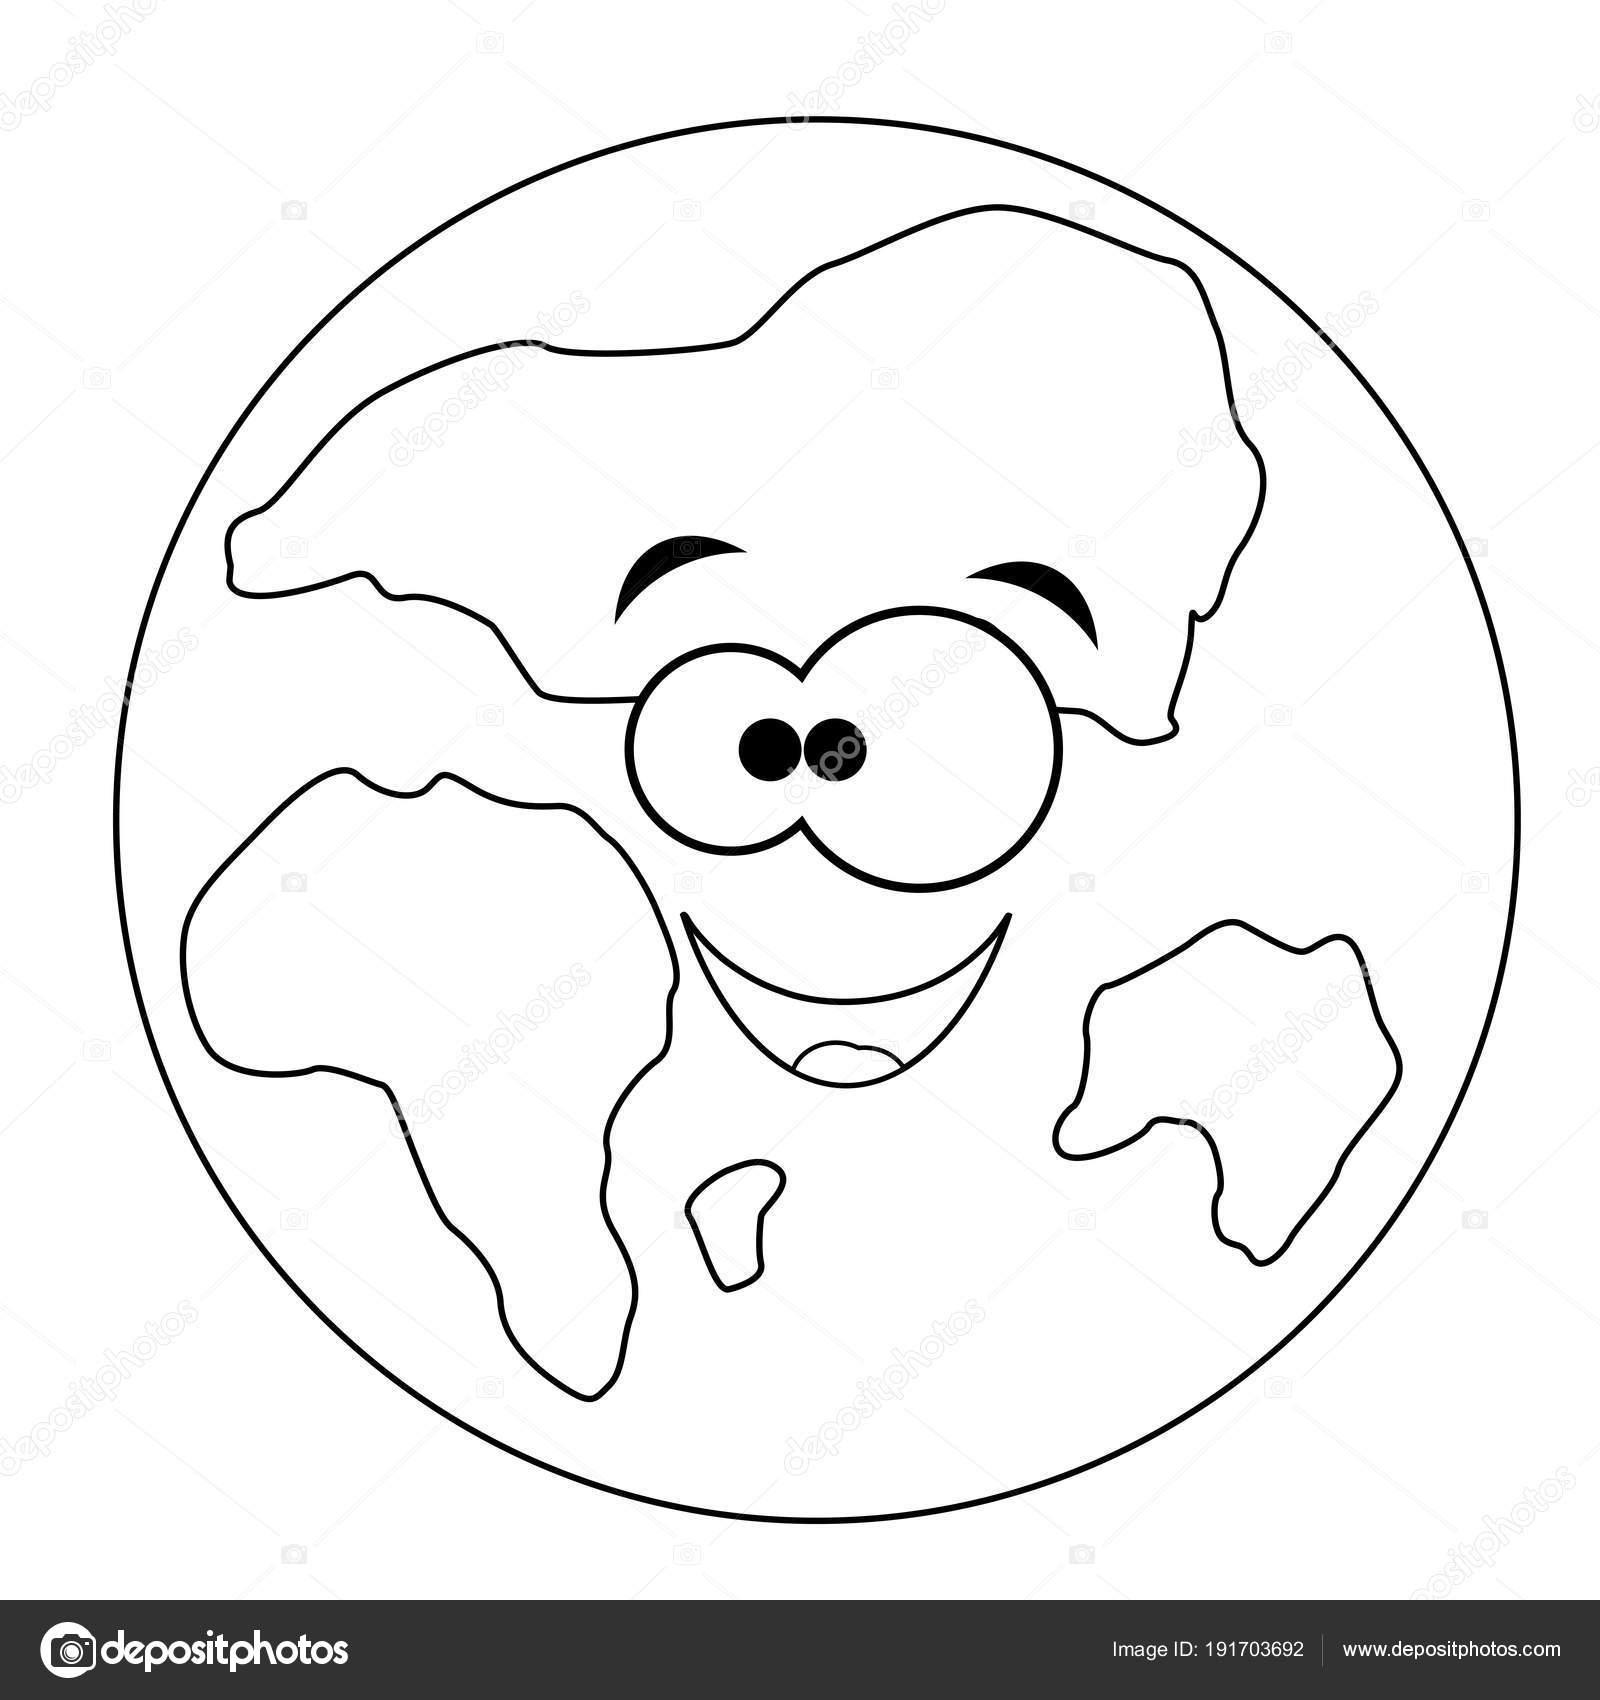 Renksiz Komik Karikatür Dünya Vektör çizim Pag Boyama Stok